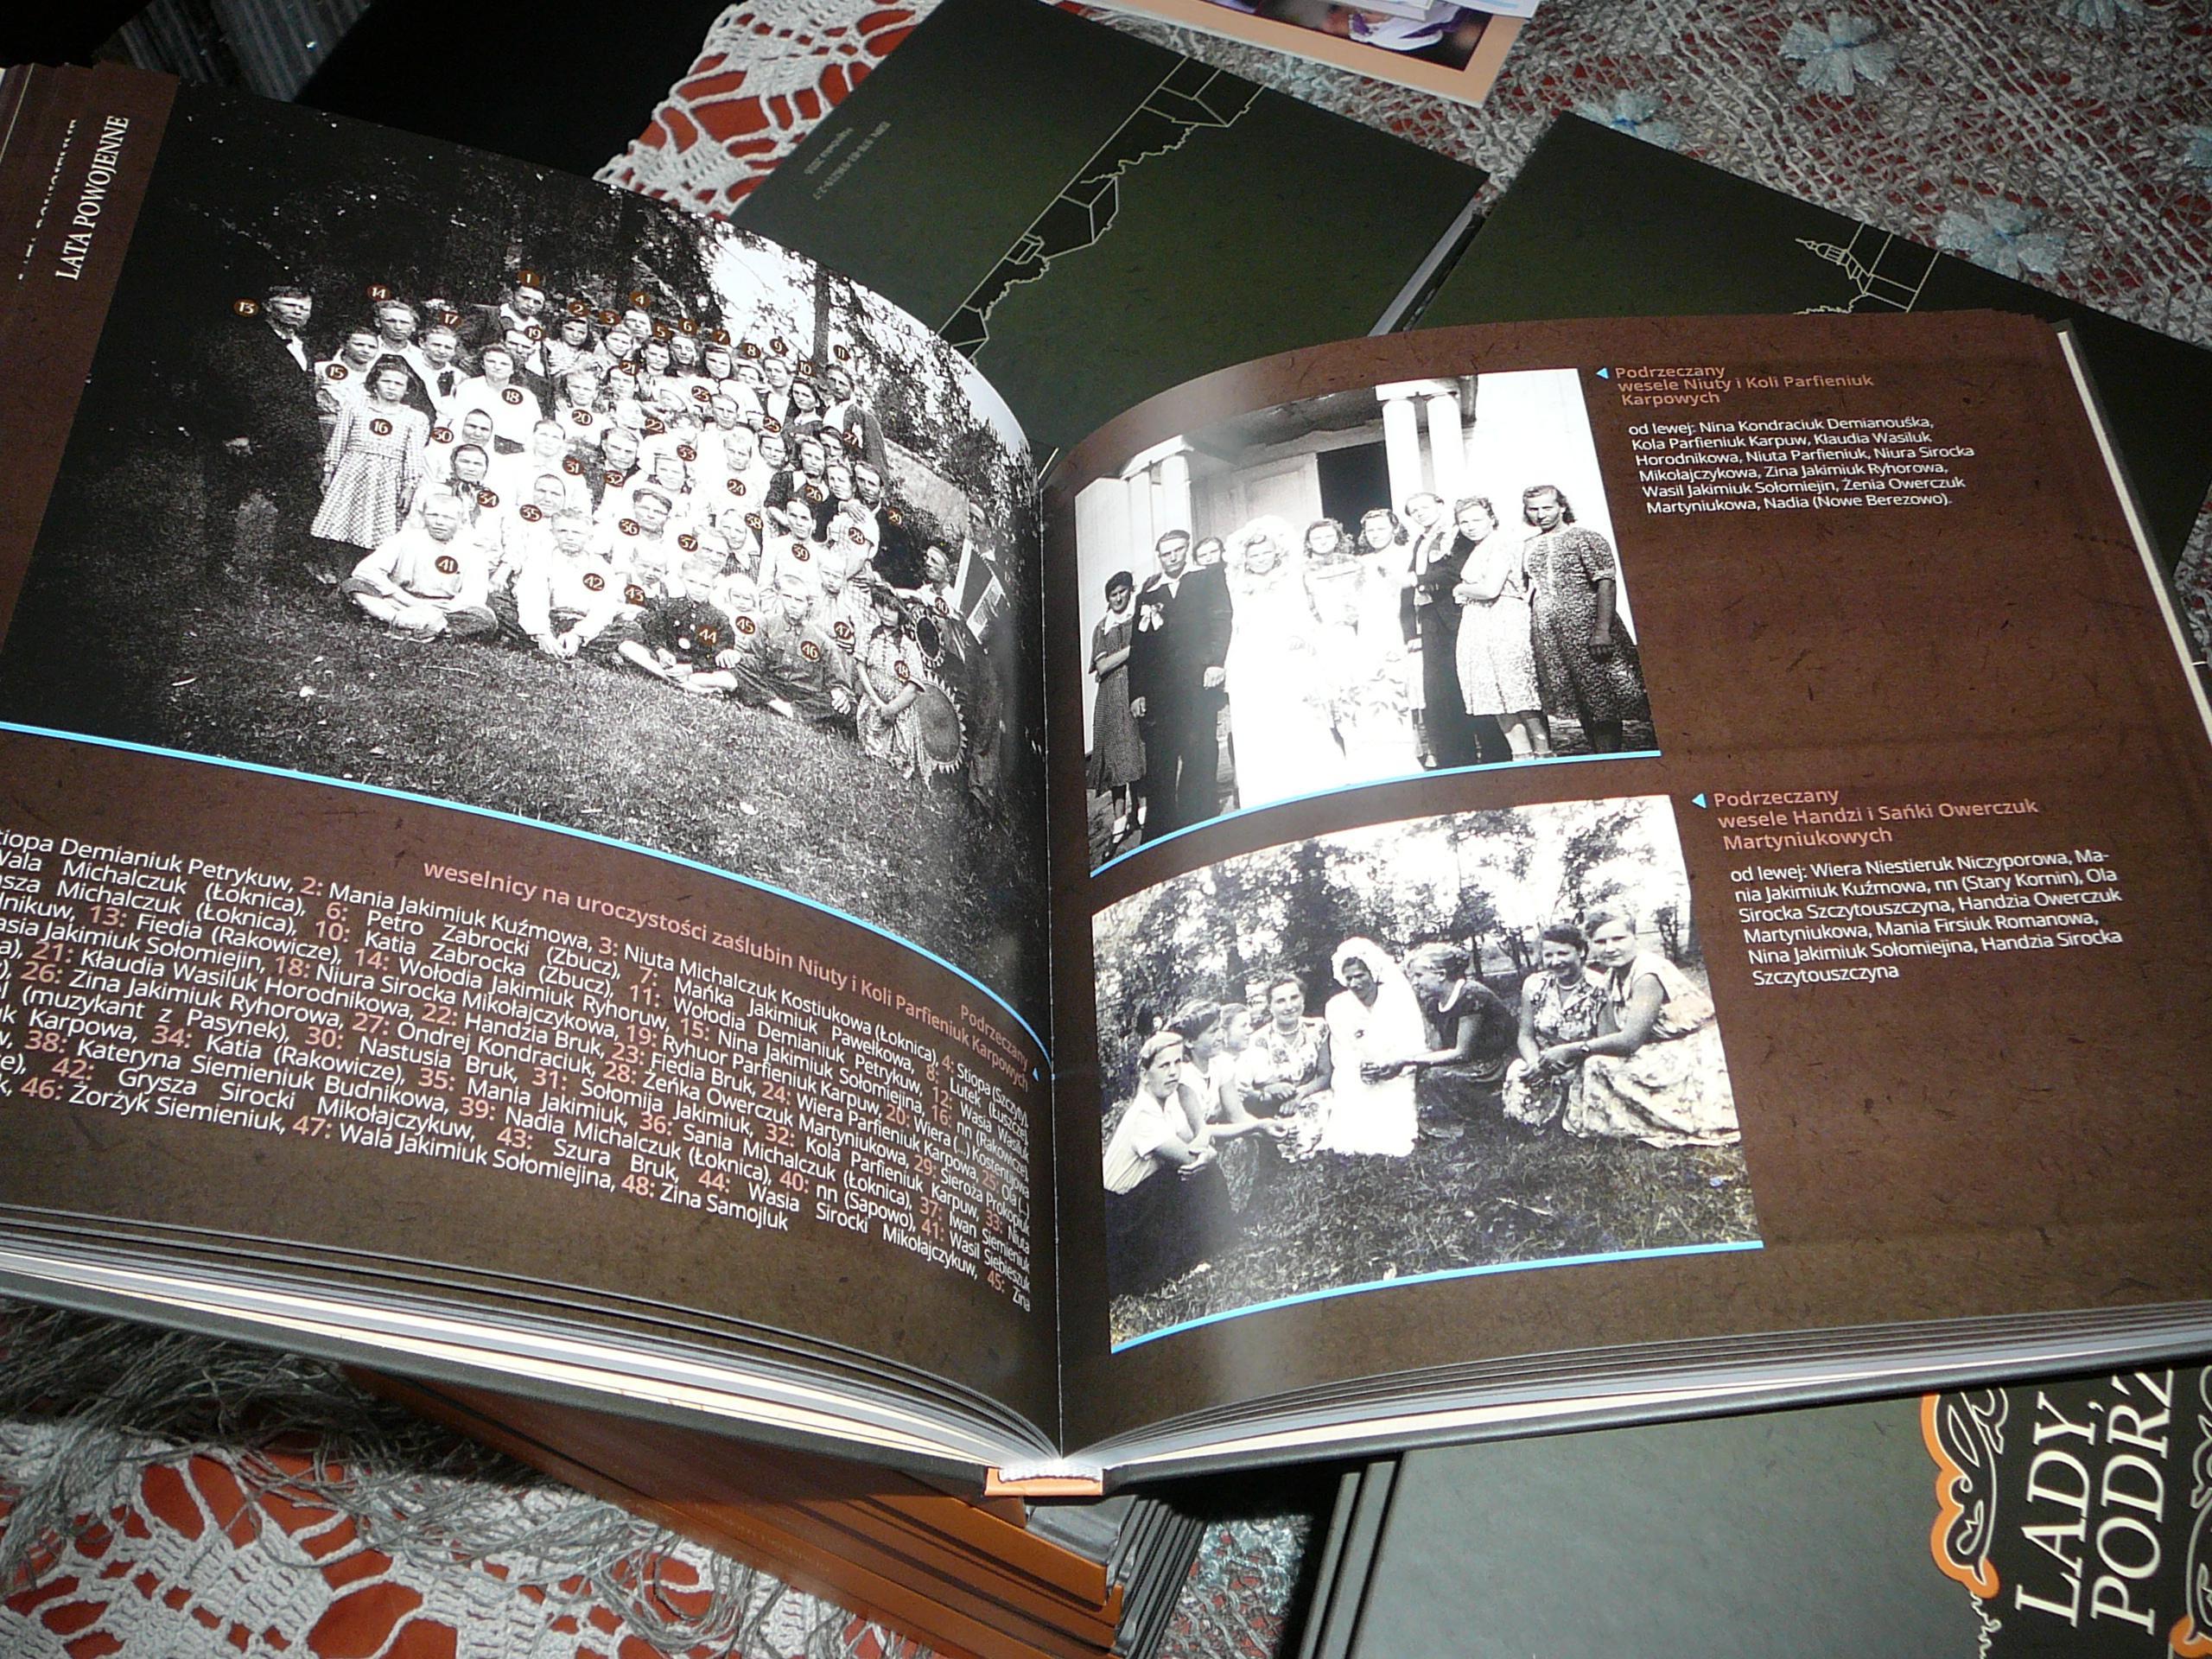 Публікації Юрія Плеви про села в ґміні Чижі